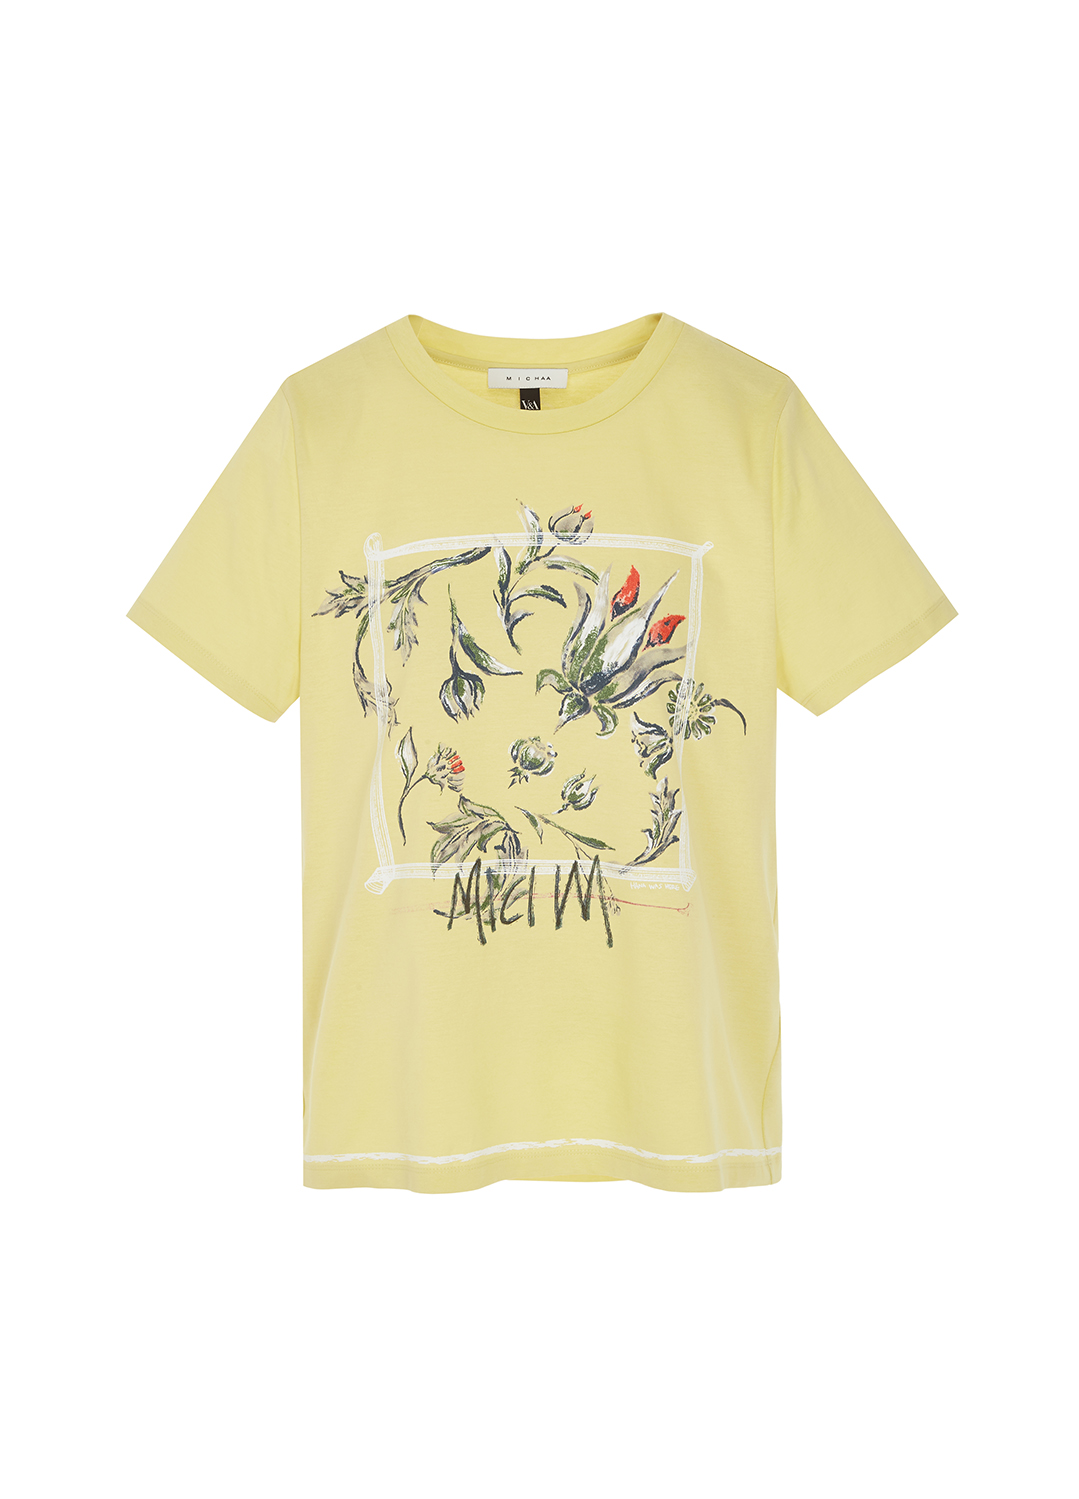 면 밑단 포인트 앞판 프린팅 티셔츠